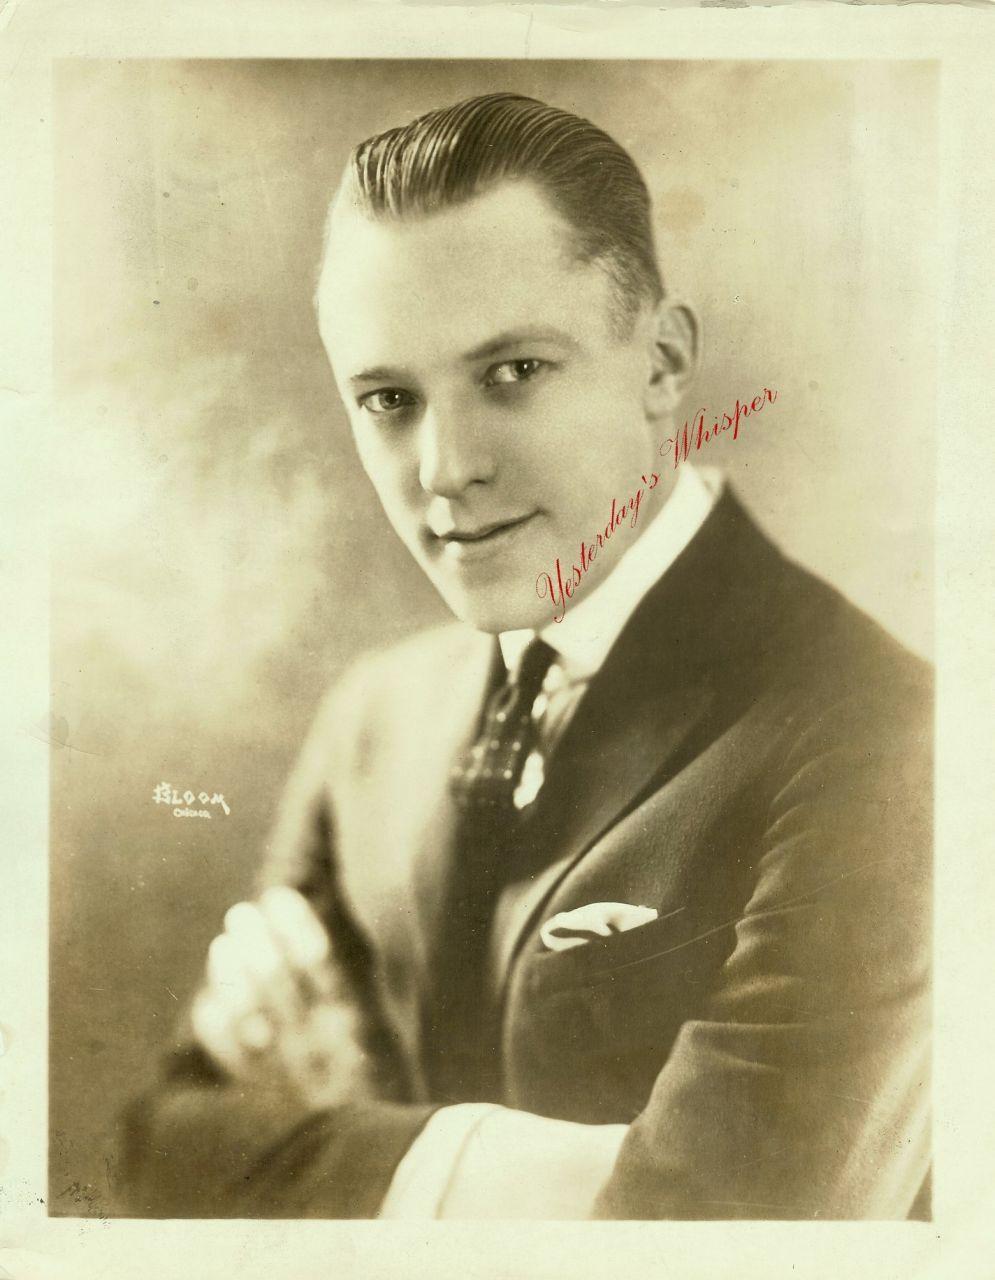 SUNKIST Eddie NELSON ORG c.1925 BLOOM PHOTO F766